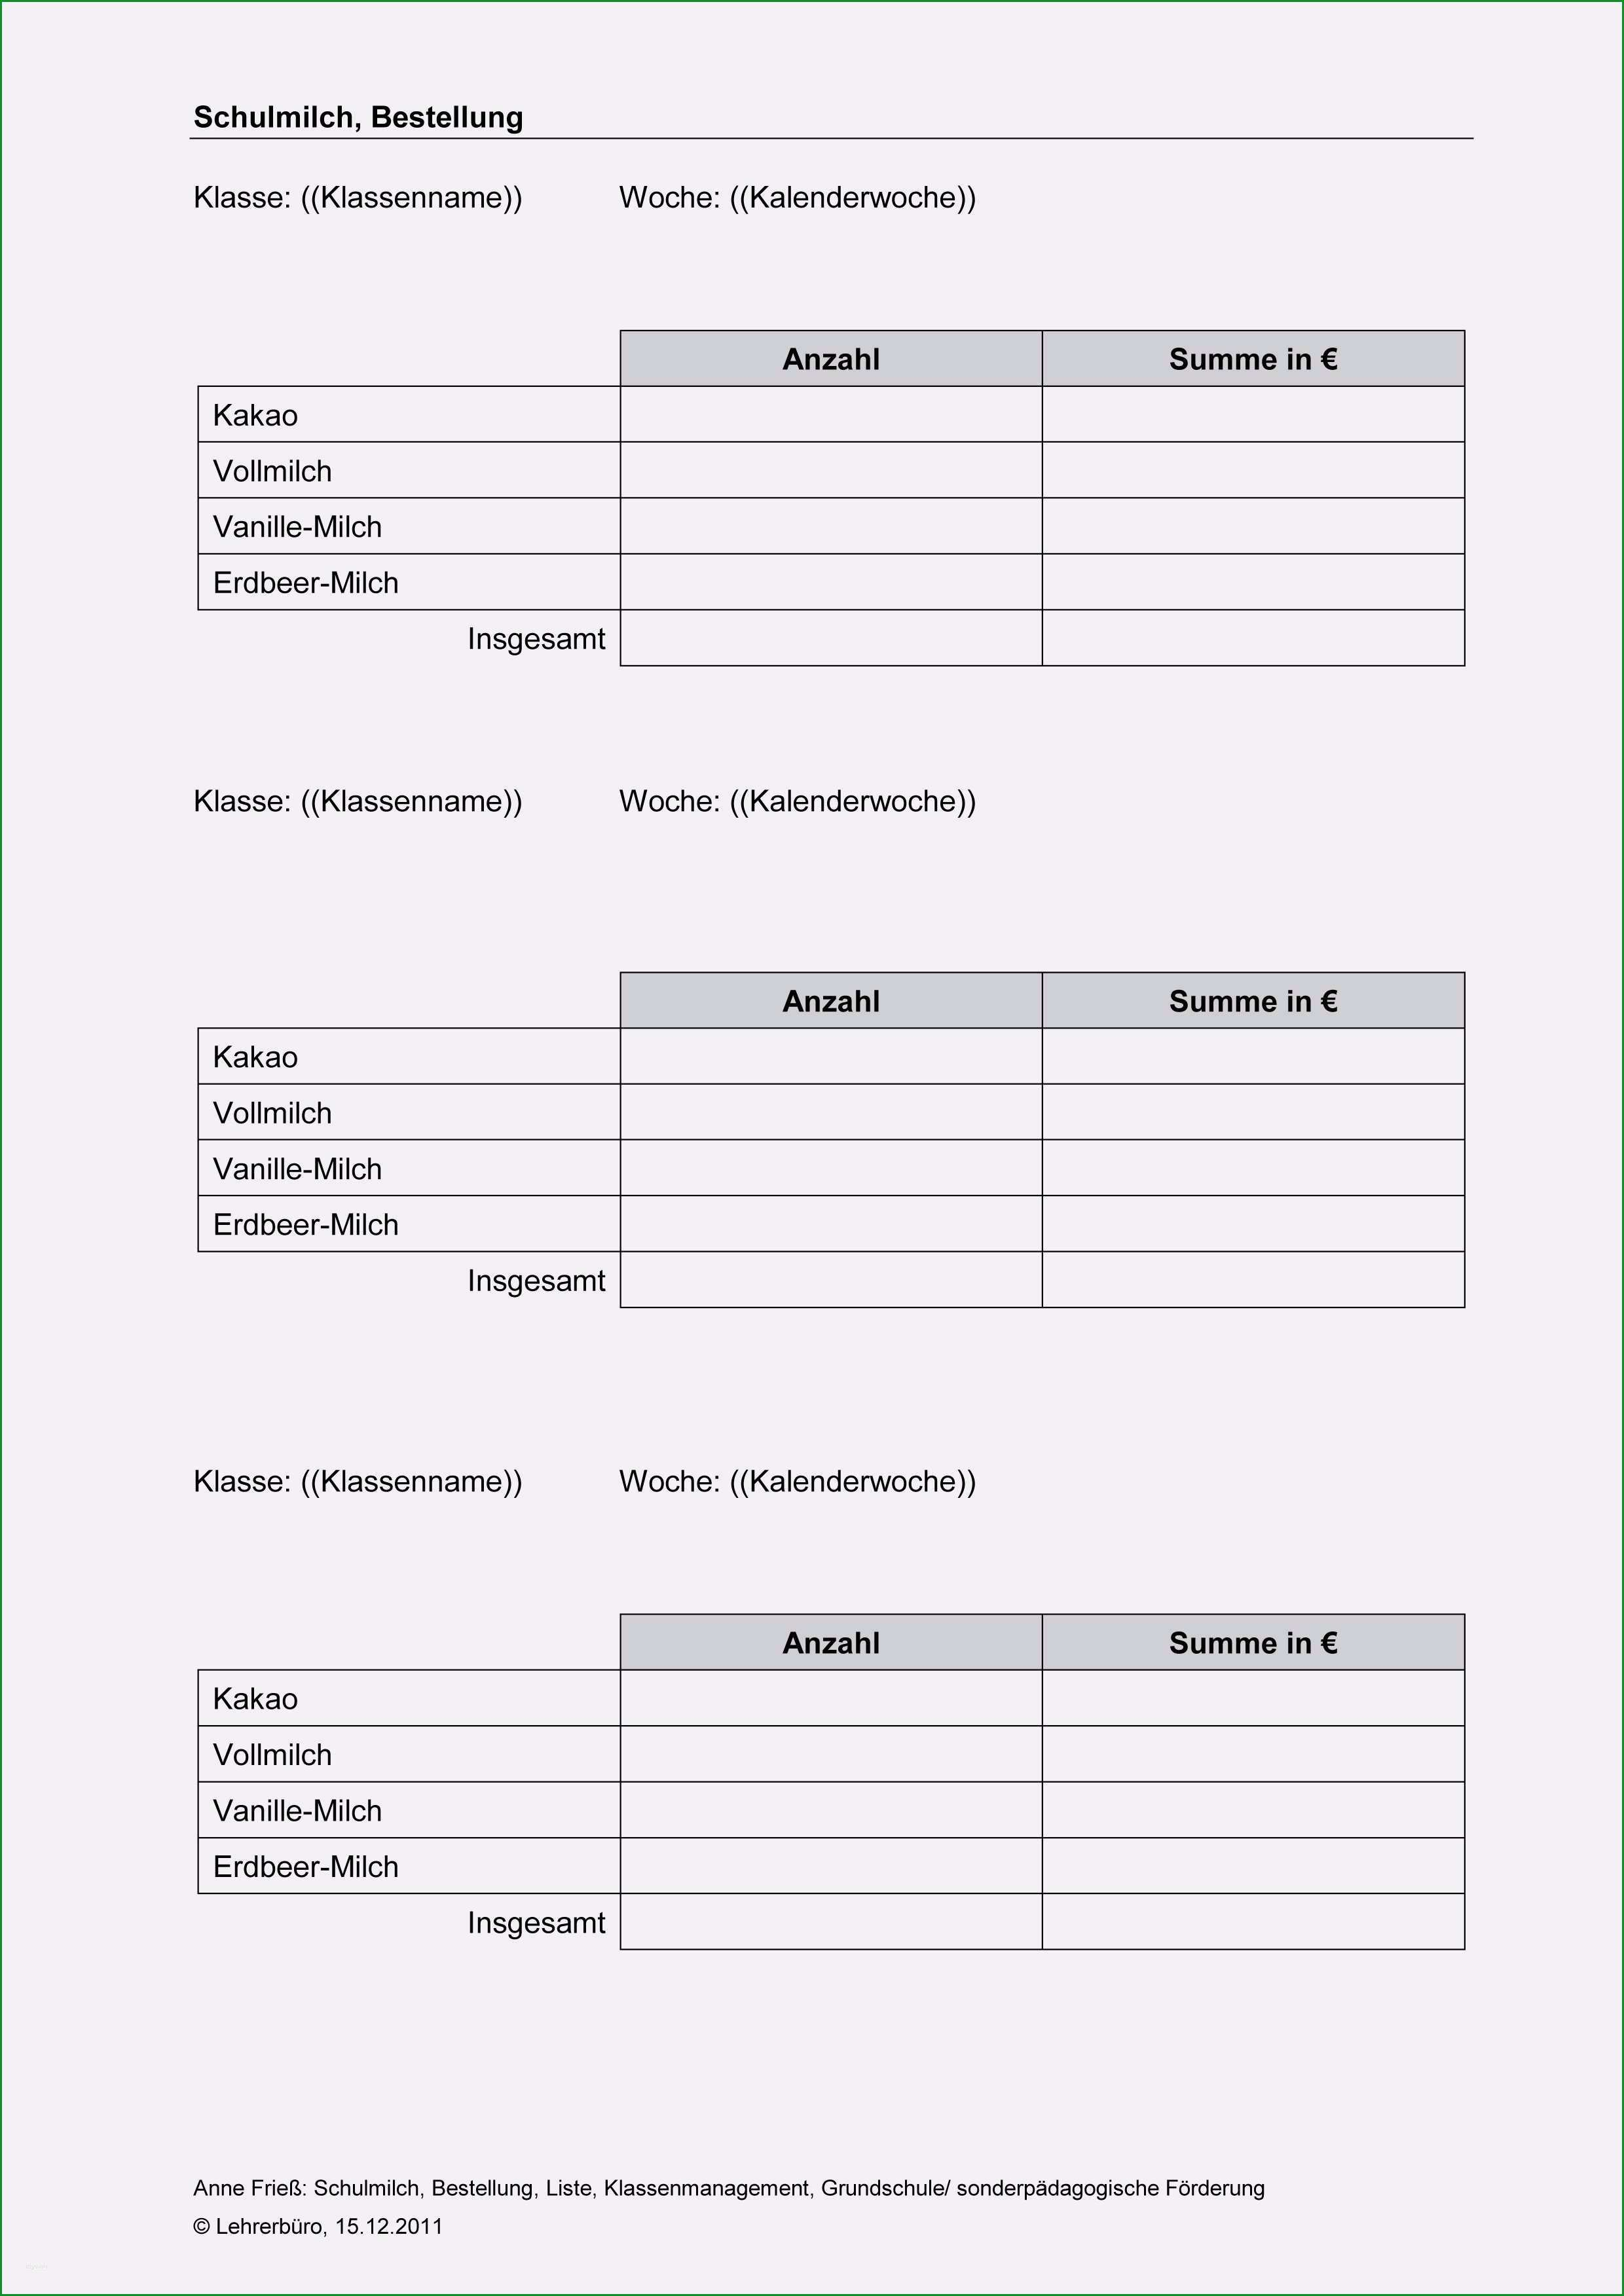 verlaufsprotokoll vorlage word genial klassenmanagement · arbeitshilfen · grundschule · lehrerburo